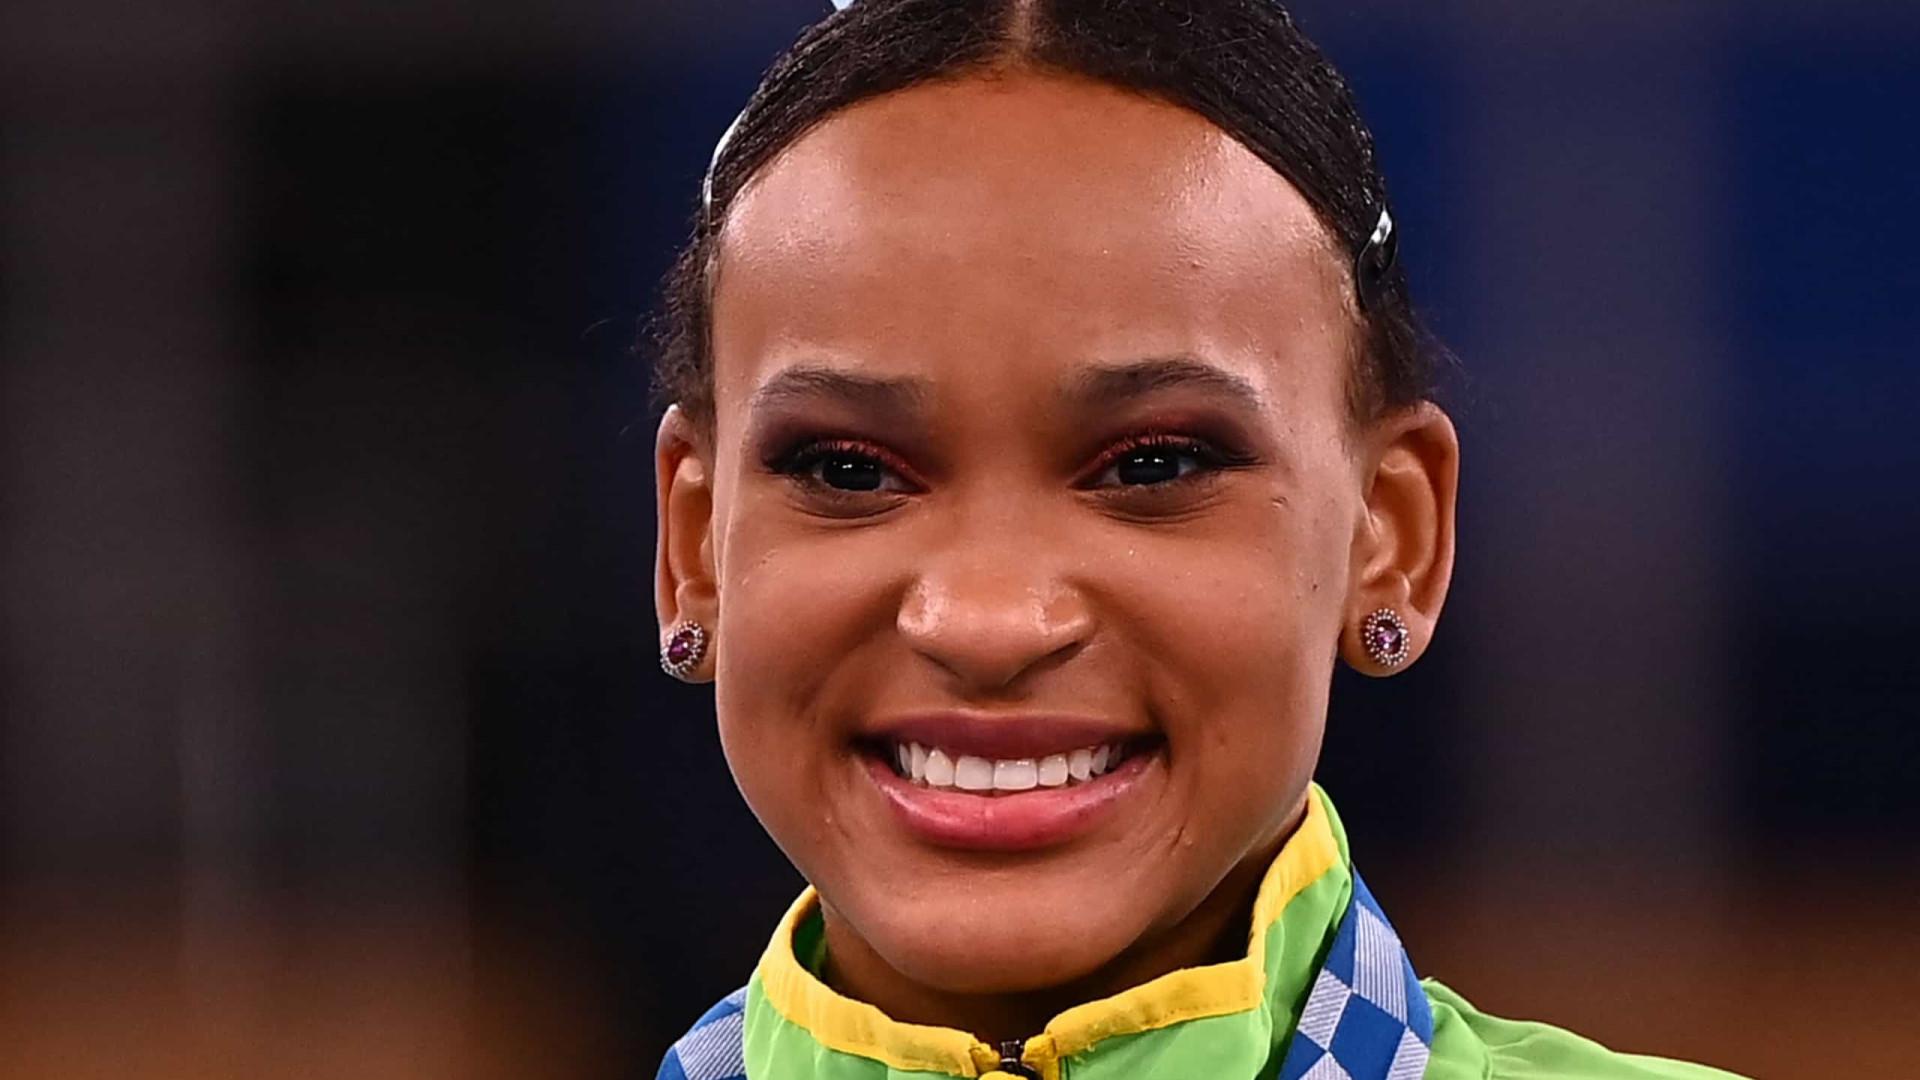 'Meu foco não é a medalha, é fazer boas apresentações', diz Rebeca Andrade após o ouro